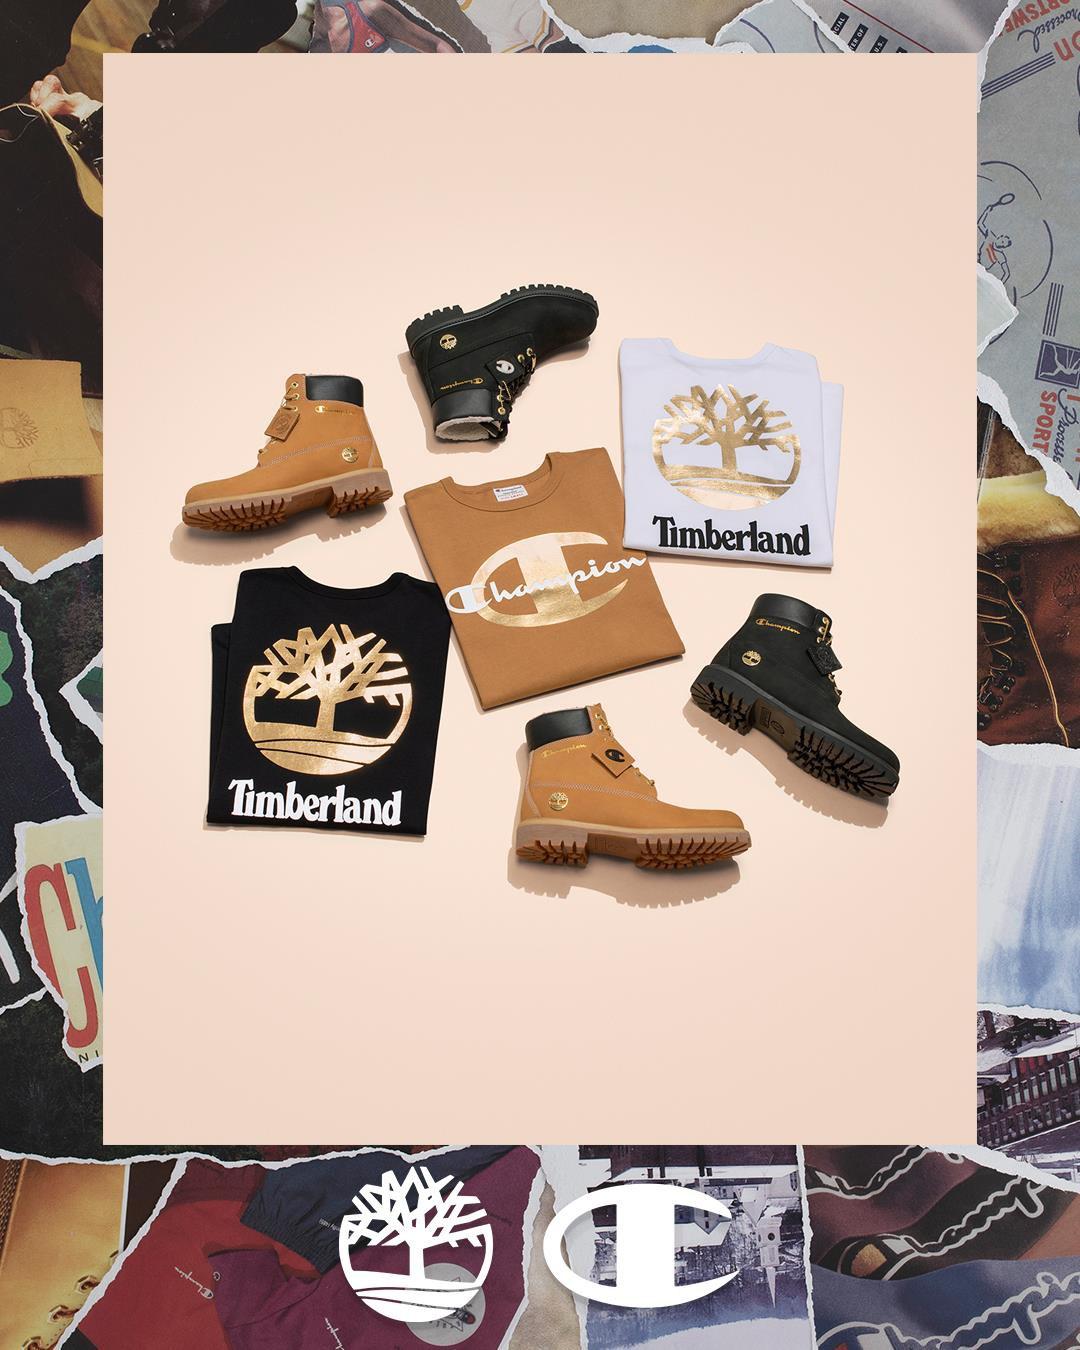 champion-timberland-shirts-boots.jpg